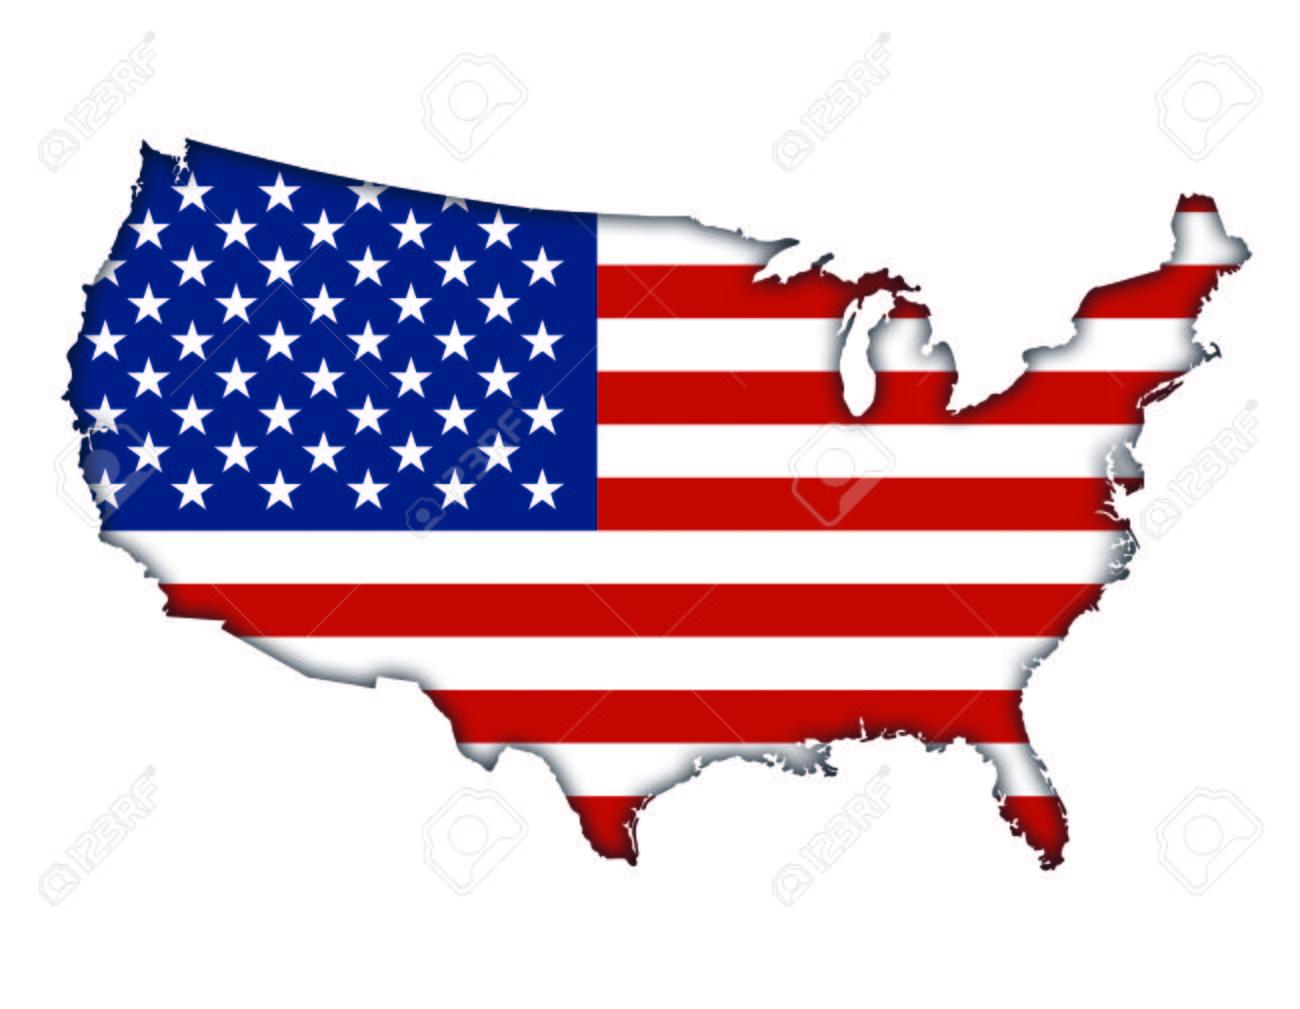 Học chương trình chuẩn Mỹ